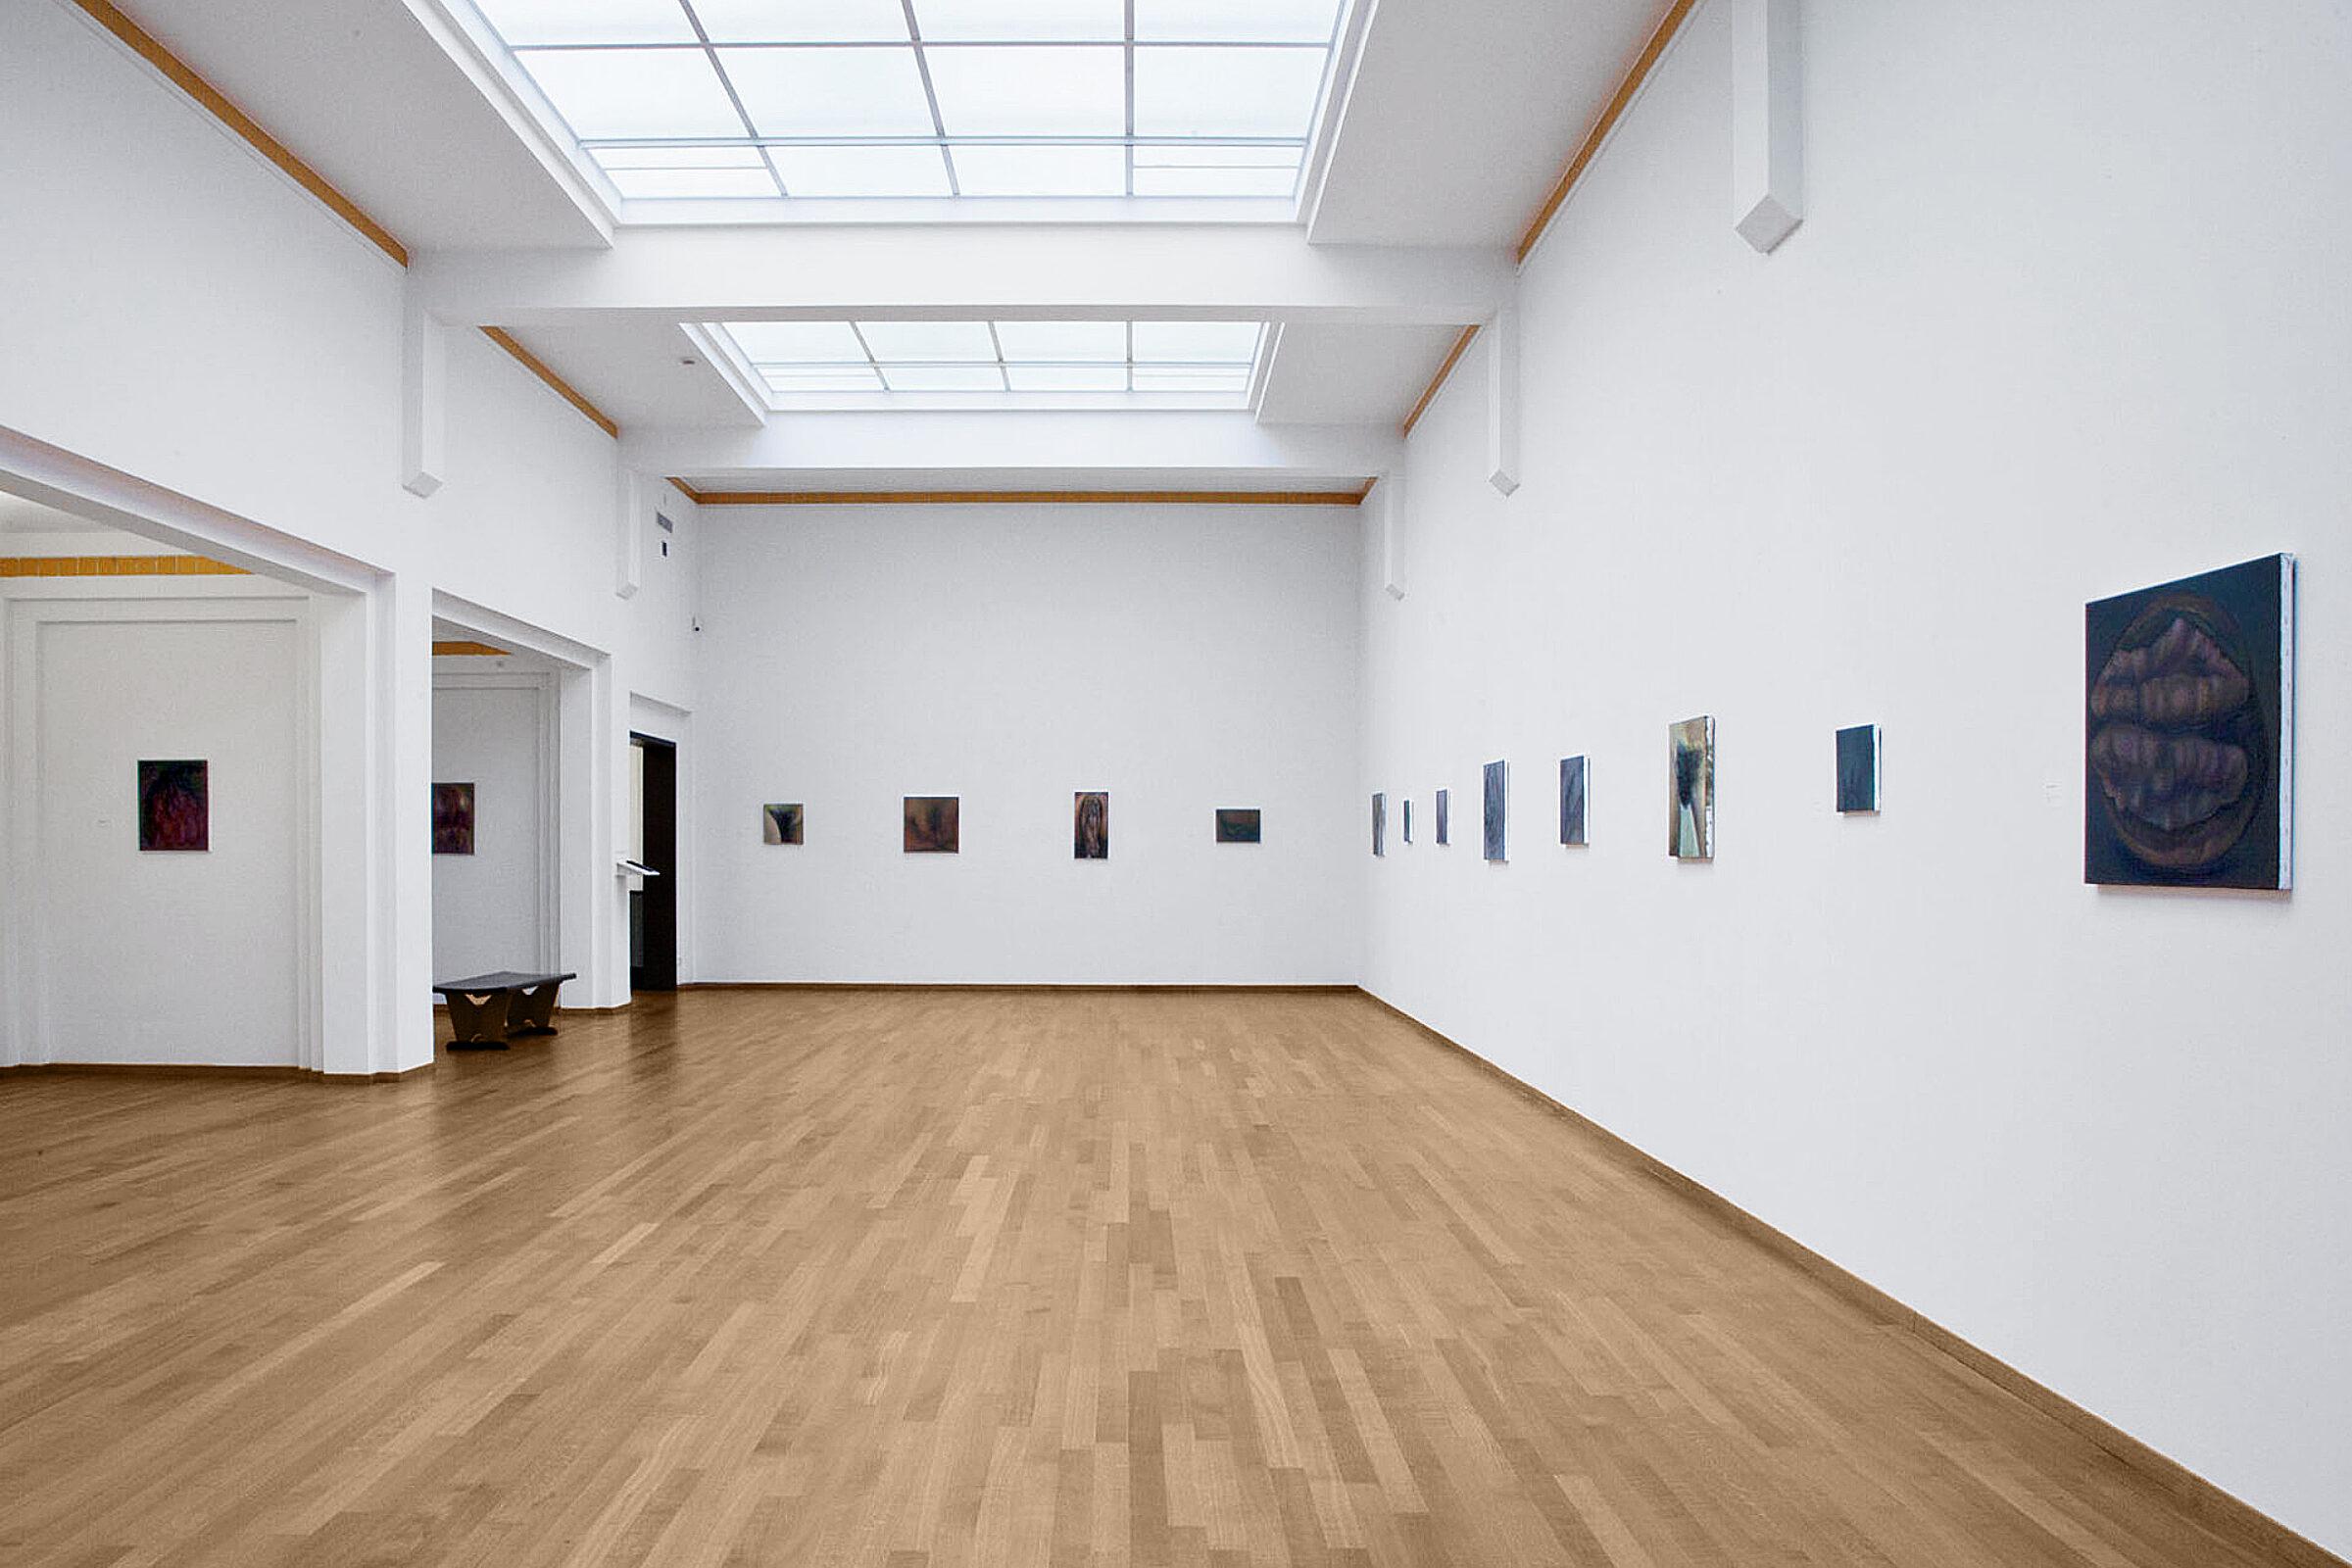 Ina_van_Zyl_-Galerie-Onrust-EX-schaamstukken-04.jpg